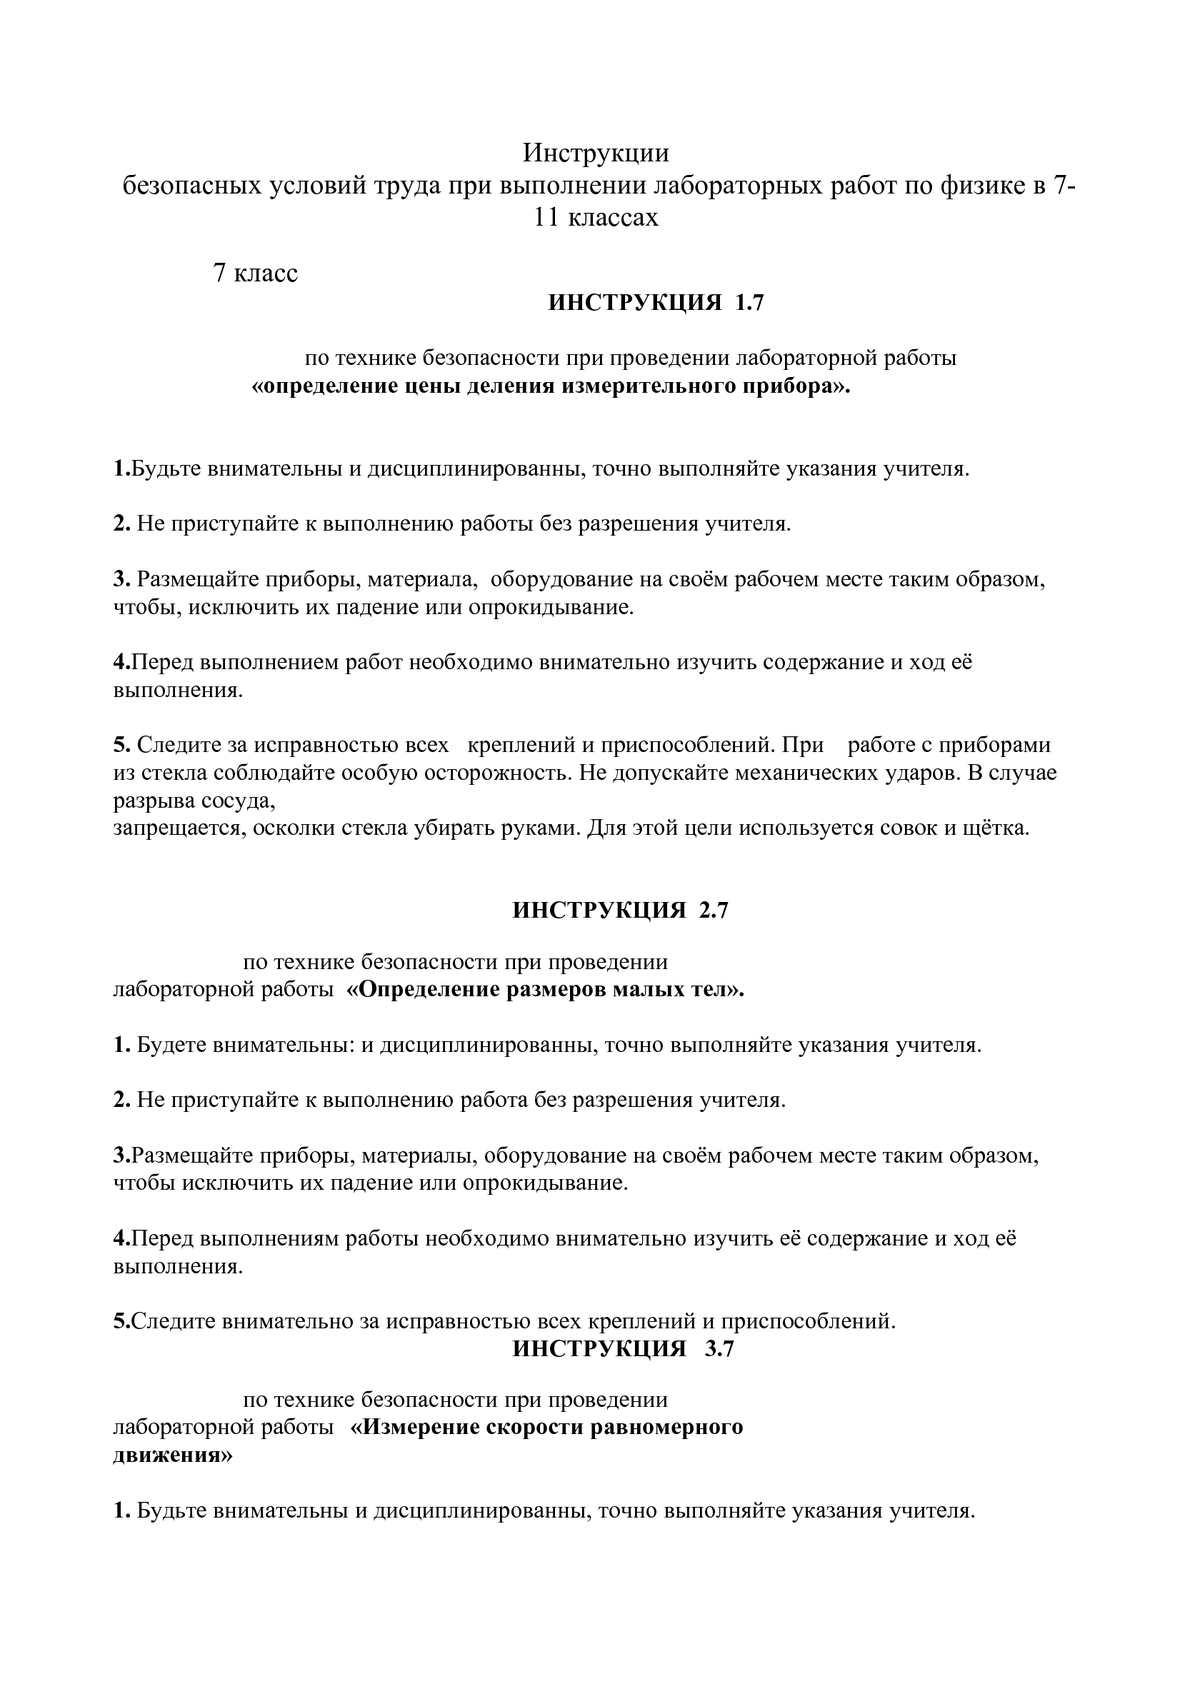 Инструкции к лабораторным работам по физике в 7-11 классах